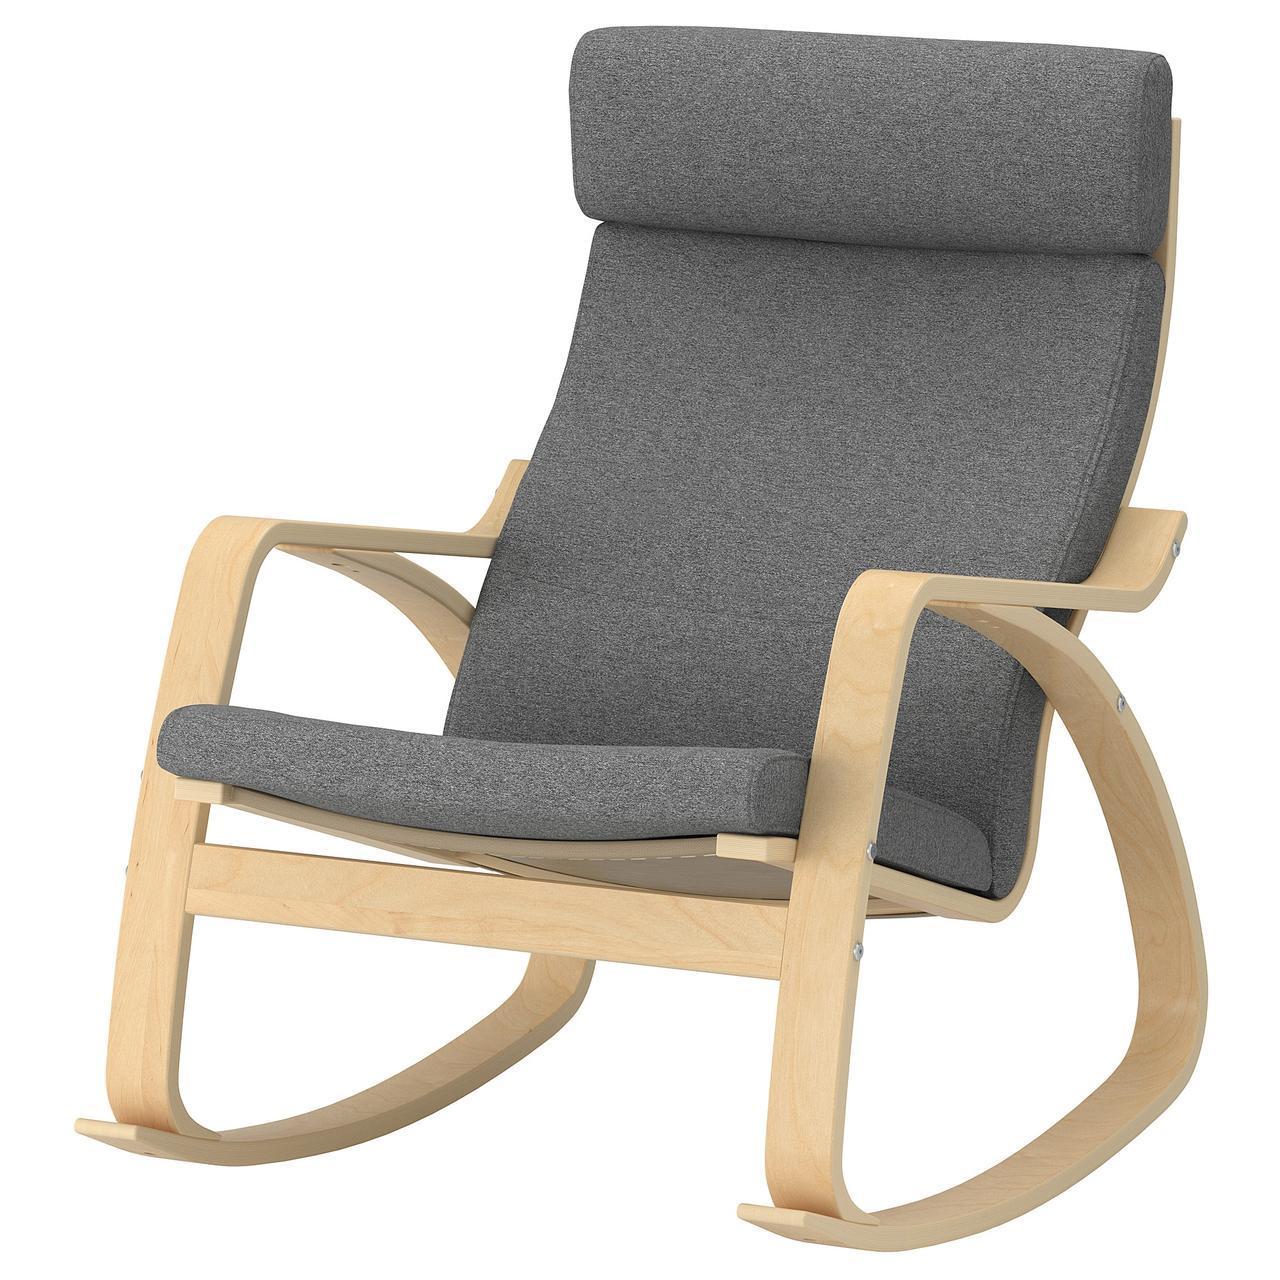 IKEA POANG Кресло-качалка, березовый шпон, лизированы серый  (292.444.13)